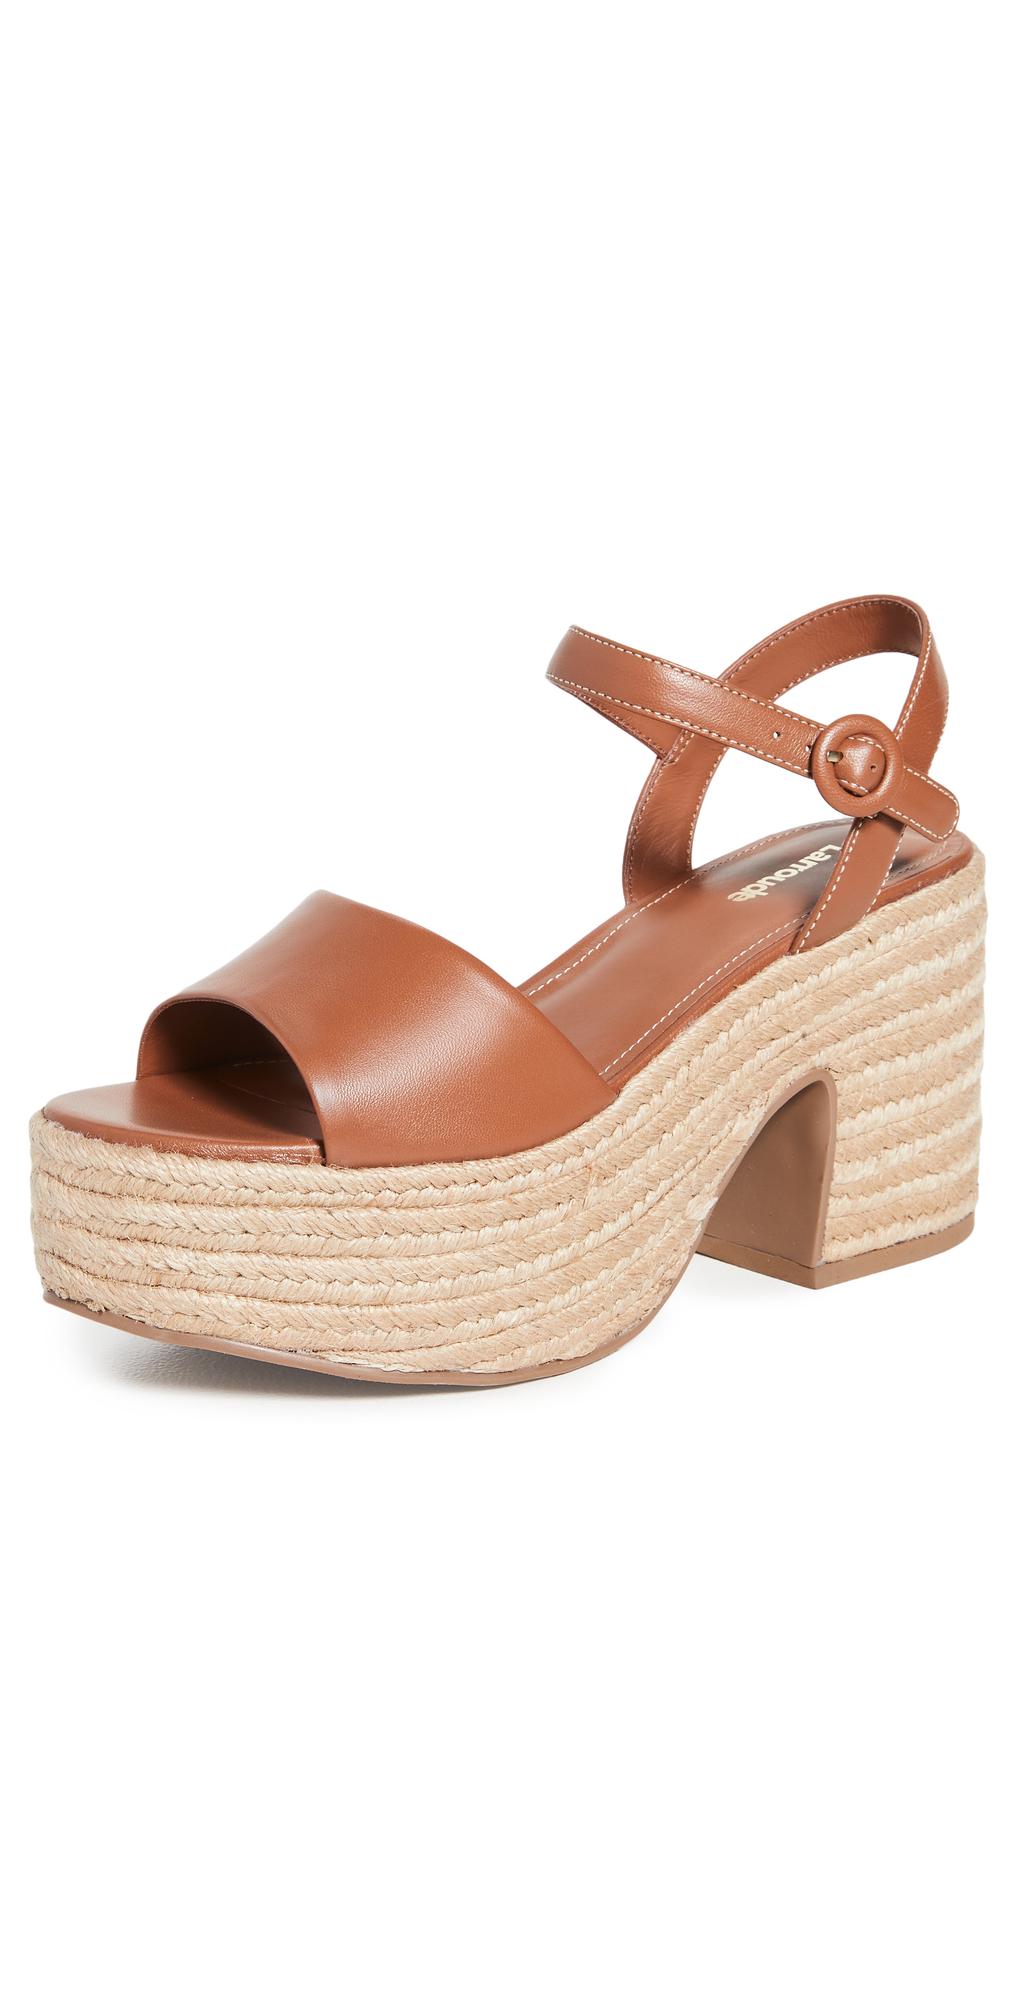 Jane Block Heel Sandals